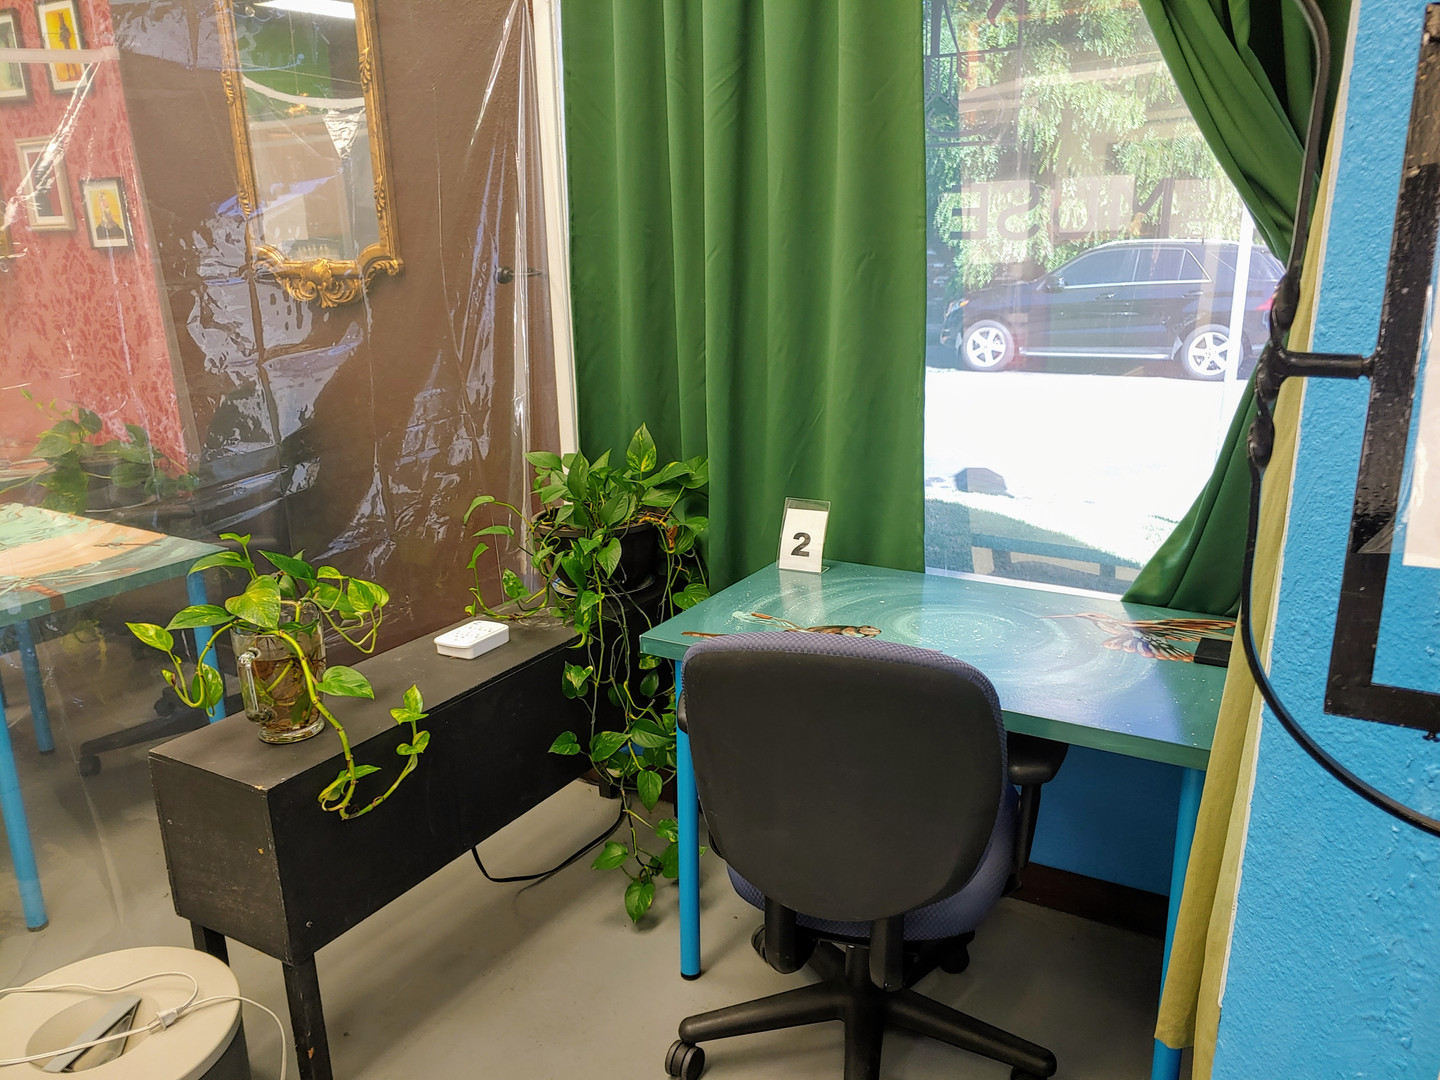 desk 2 burbank.jpg